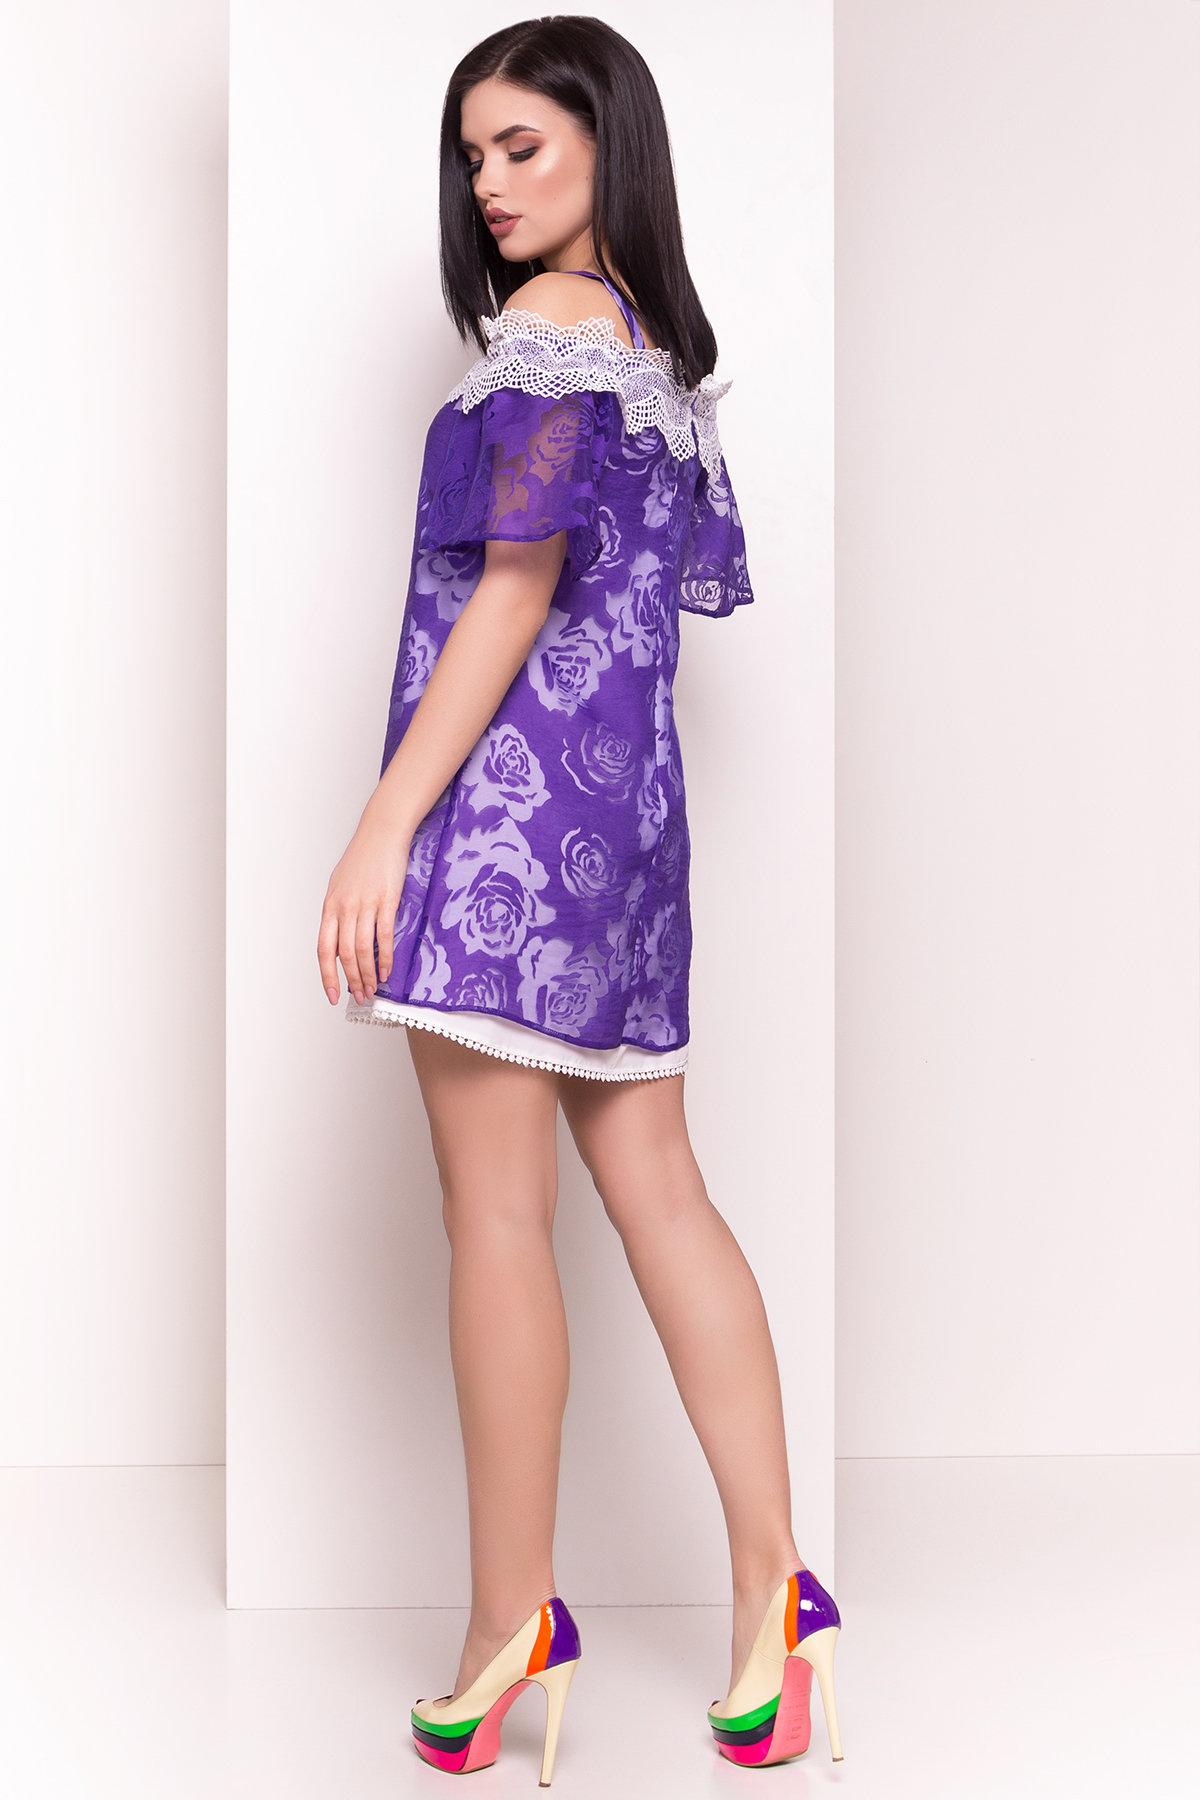 Платье Линда 4946 АРТ. 35094 Цвет: Фиолетовый - фото 3, интернет магазин tm-modus.ru